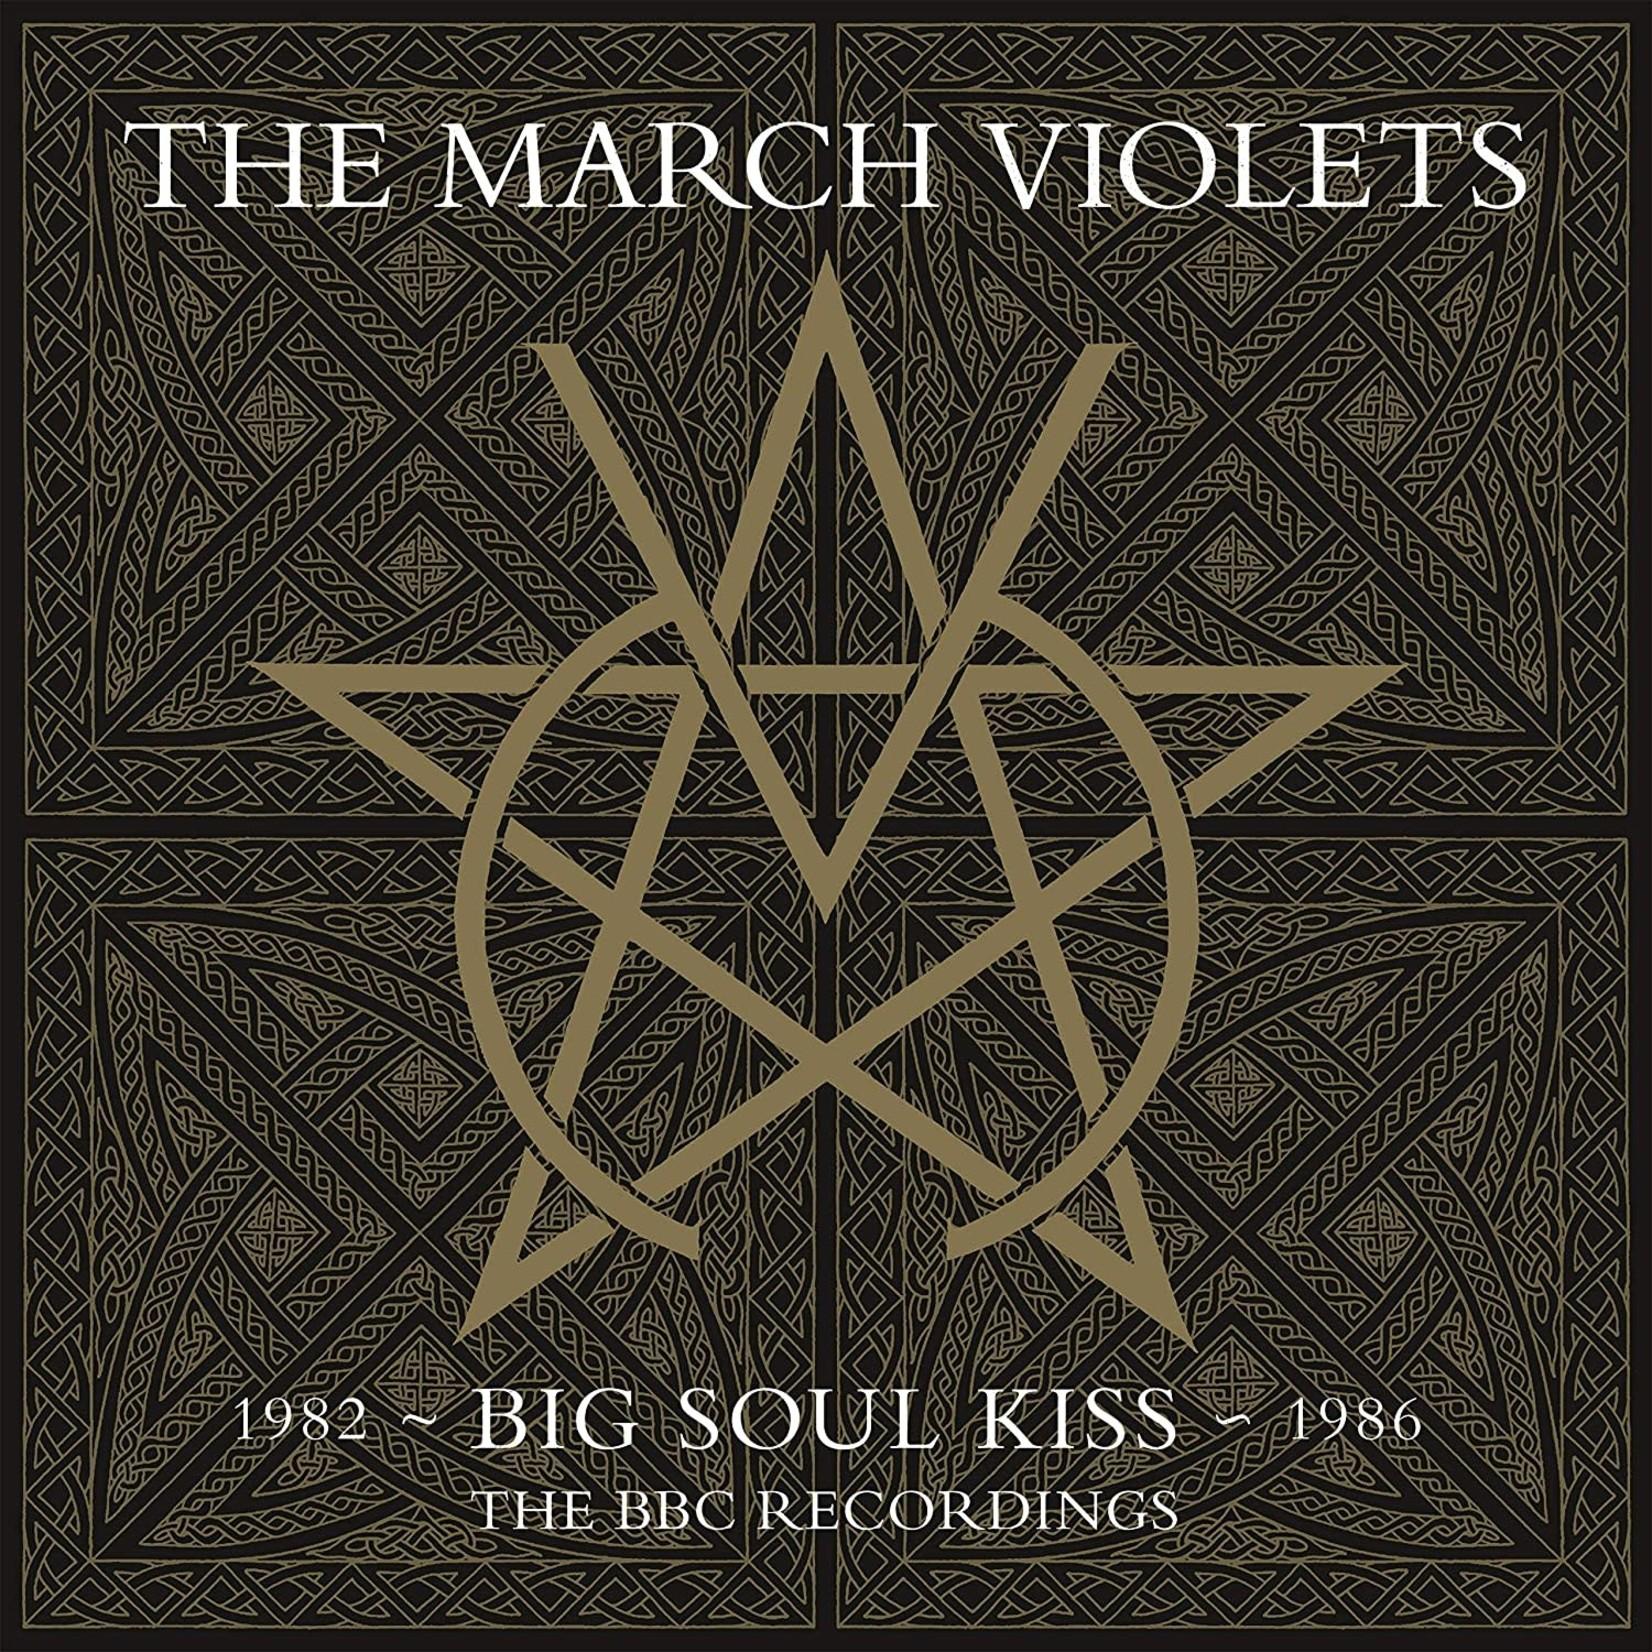 THE MARCH VIOLETS BIG SOUL KISS: THE BBC RECORDINGS  2LP VIOLET VINYL